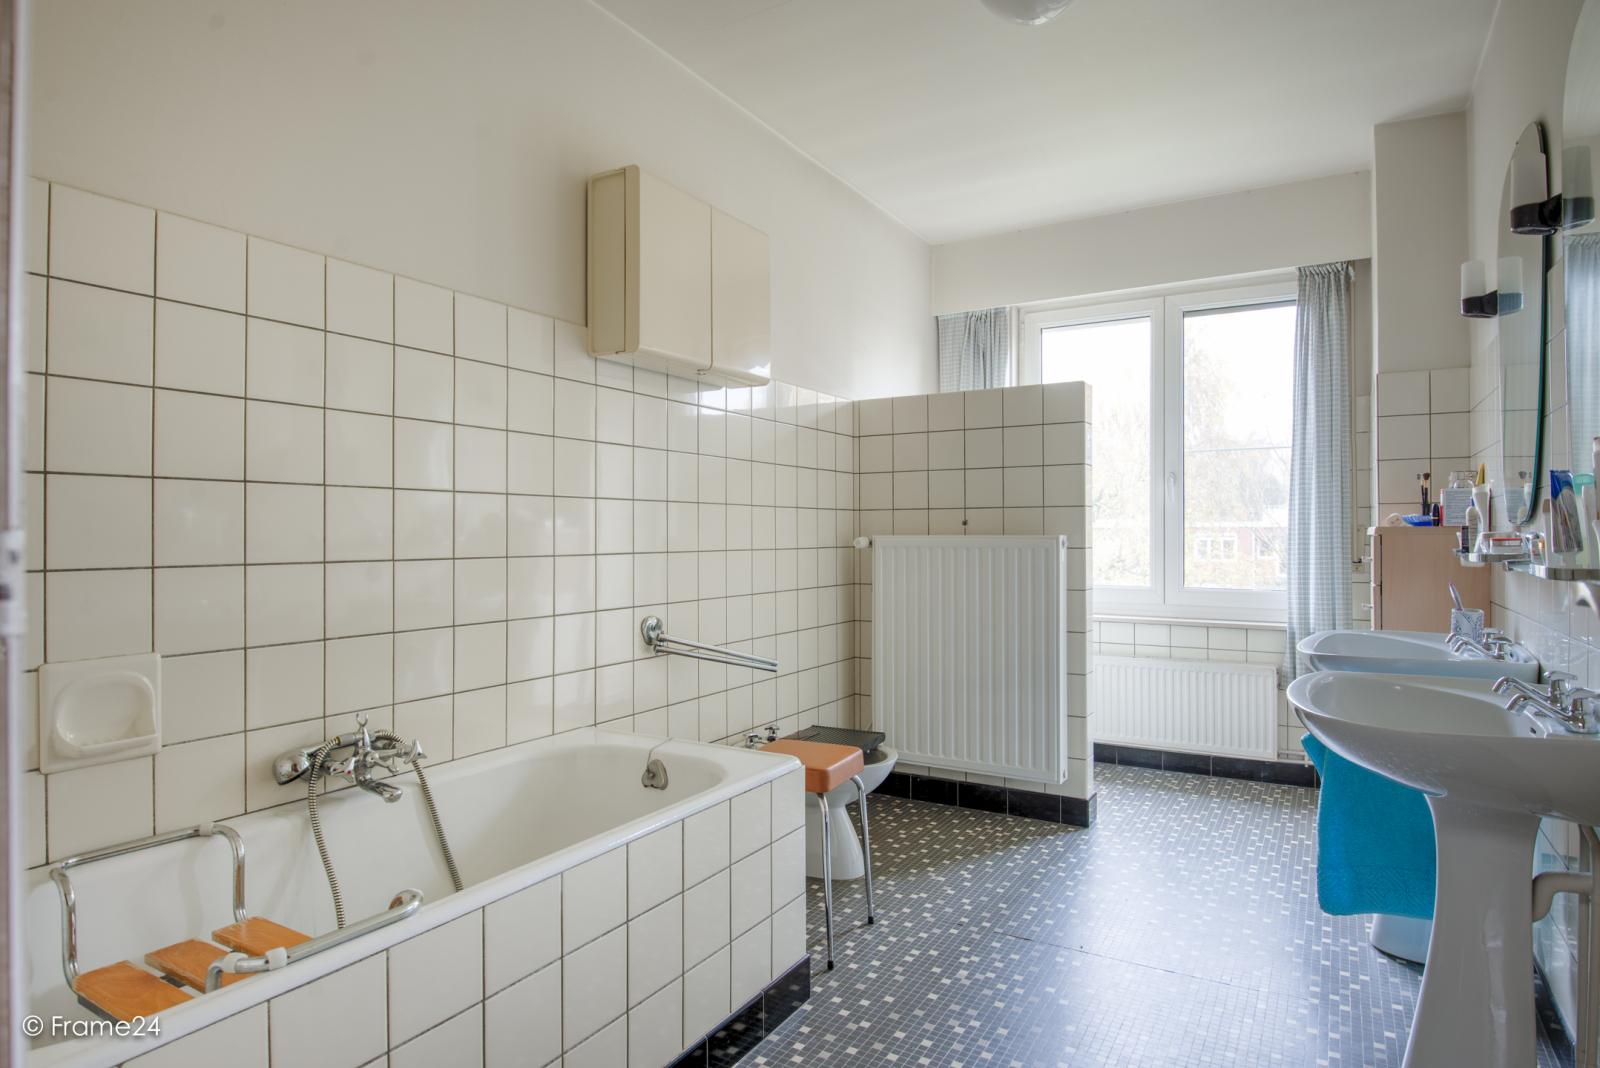 Zeer verzorgde bel-étagewoning met drie slaapkamers op toplocatie te Wijnegem! afbeelding 16